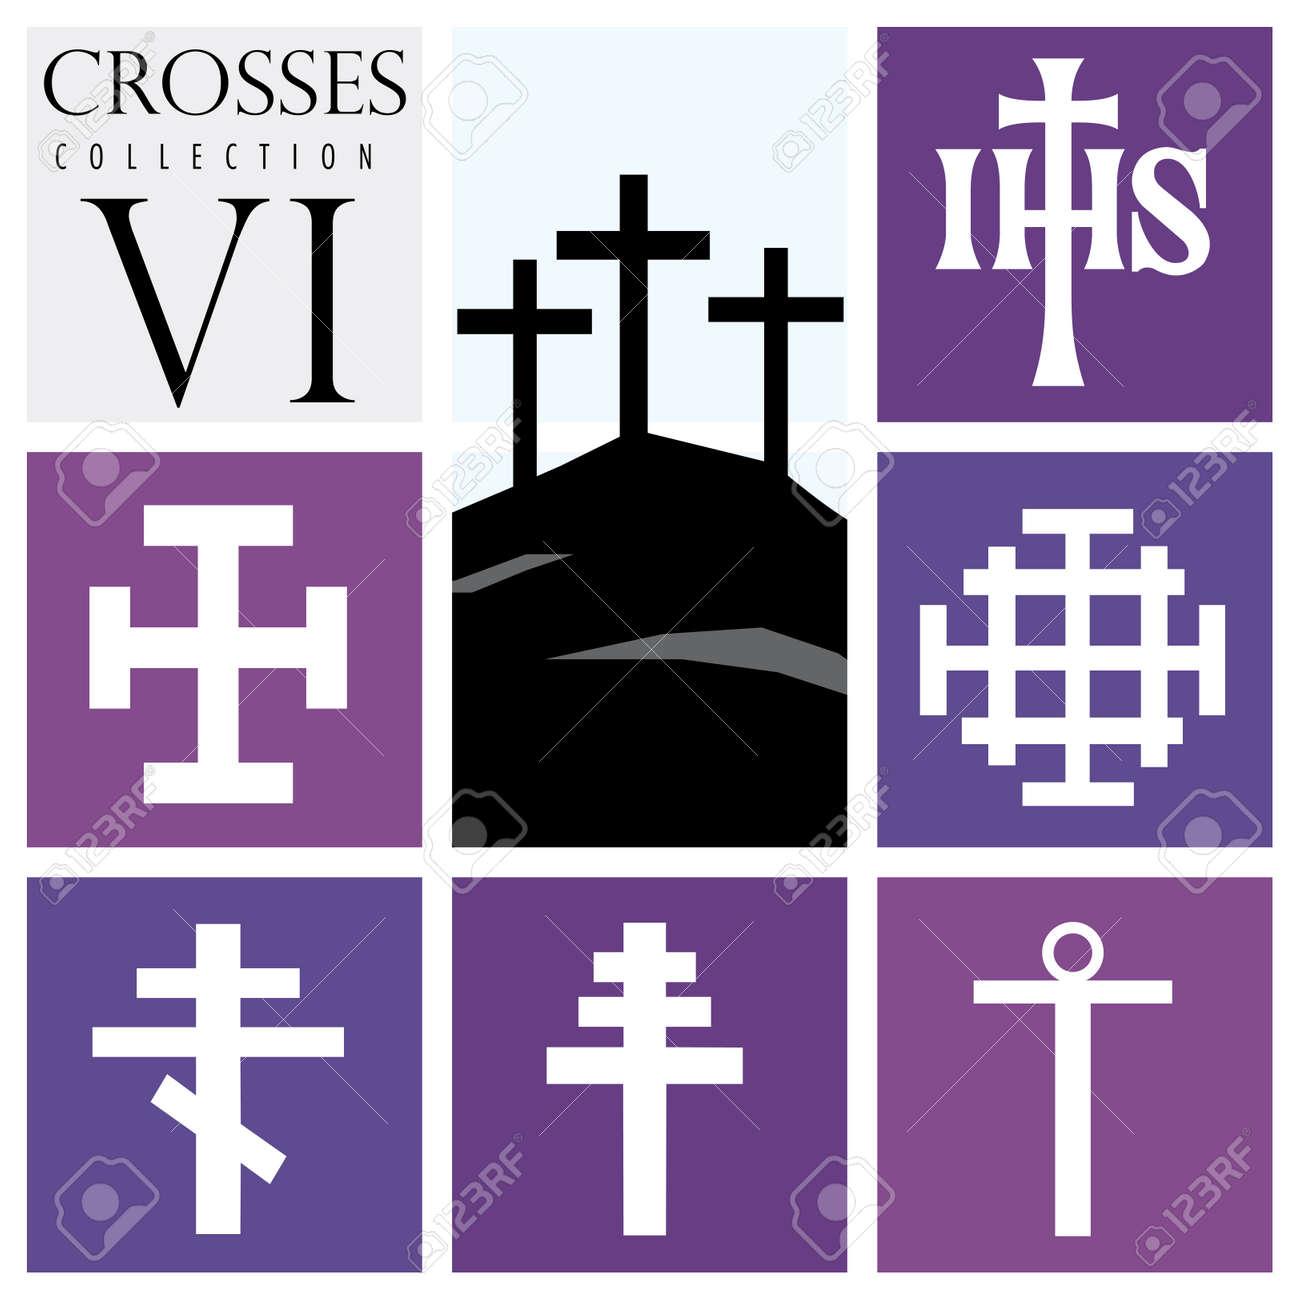 Tipos De Cruces conjunto de diferentes tipos de cruces sobre fondo púrpura - vector